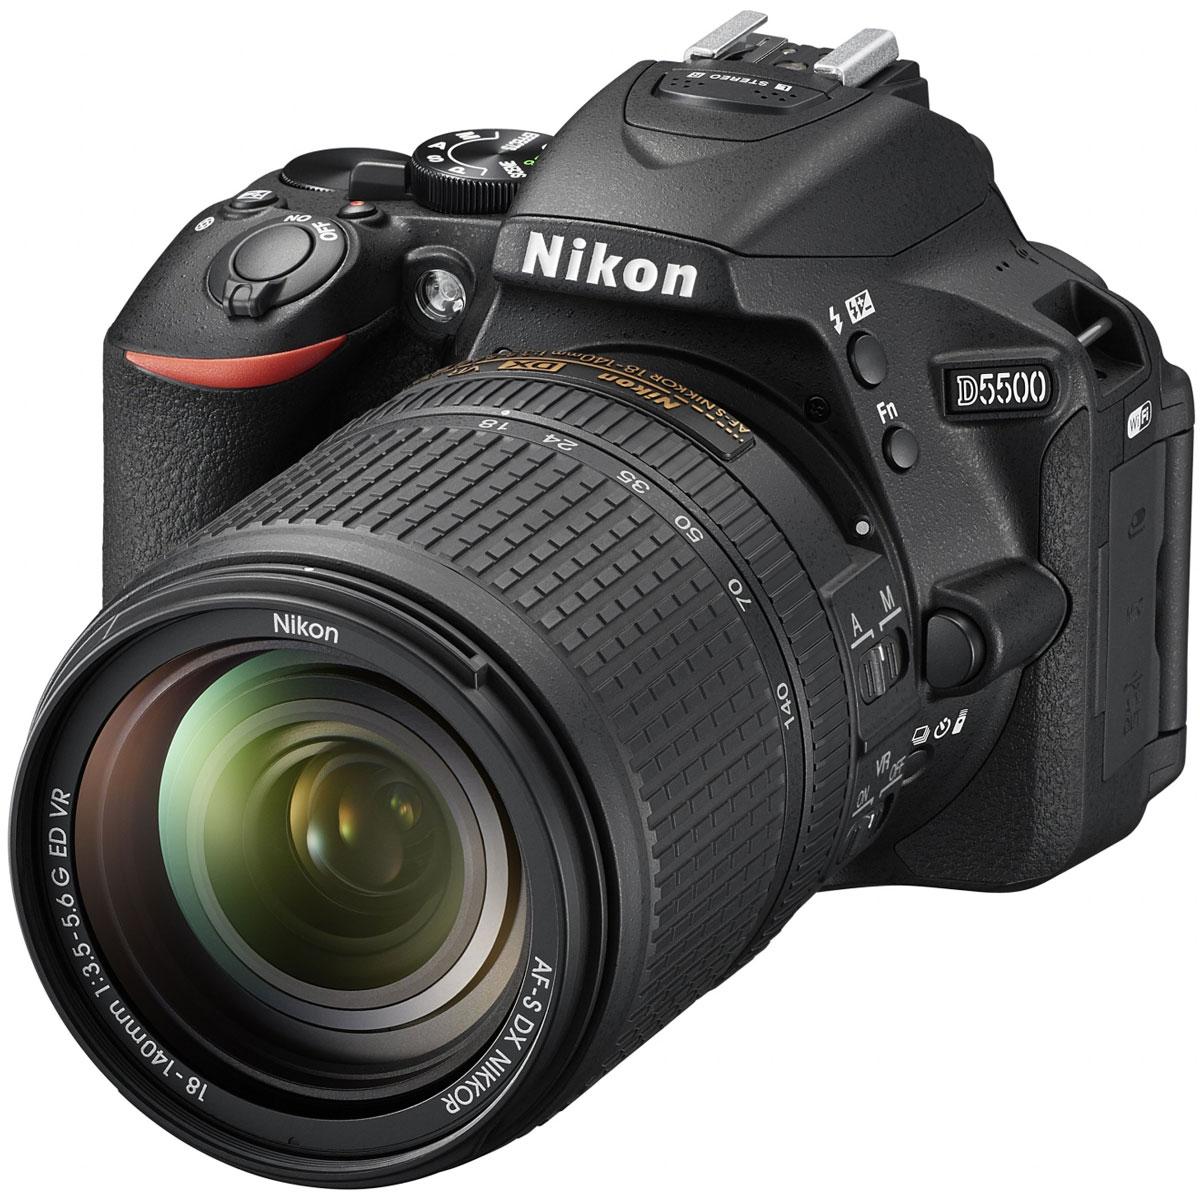 Nikon D5500 Kit 18-140mm VR, Black цифровая зеркальная фотокамераVBA440KR02Отобразите красоту окружающего мира на великолепных фотографиях, снятых с помощью фотокамеры D5500. Эта легкая и компактная, но в то же время очень мощная цифровая зеркальная фотокамера с удобным и понятным сенсорным управлением позволяет совершенствоваться в искусстве фотографии. Забудьте о смазанных фотографиях и создавайте яркие детализированные изображения, которые всегда будут в центре внимания. Достигайте непревзойденных результатов даже при съемке быстро движущихся объектов или в условиях недостаточной освещенности. Создавайте фотографии и видеоролики отличного качества даже при недостаточном освещении. Благодаря широкому диапазону чувствительности ISO (100-25 600 единиц) изображения получаются как никогда яркими и детализированными. С мощной 24,2-мегапиксельной матрицей вы поразите друзей снимками с высоким уровнем детализации. Фотокамера D5500 оснащена матрицей с разрешением 24,2-мегапикселя, в конструкции которой не используется...